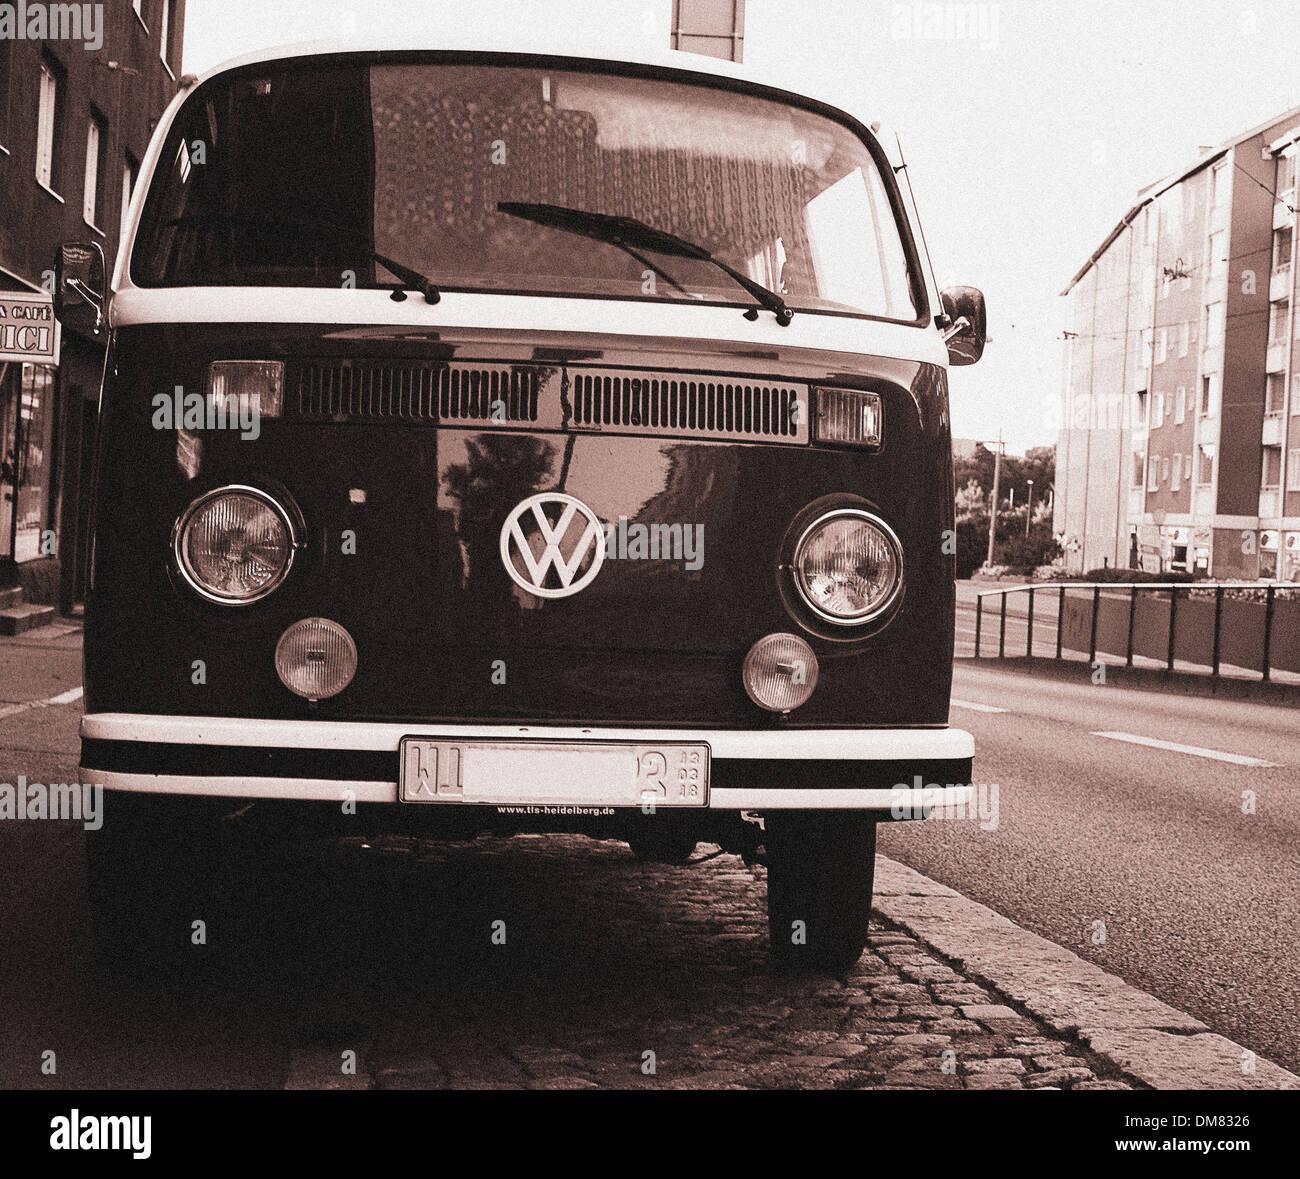 Old hippy Volkswagen van from the seventies - Stock Image